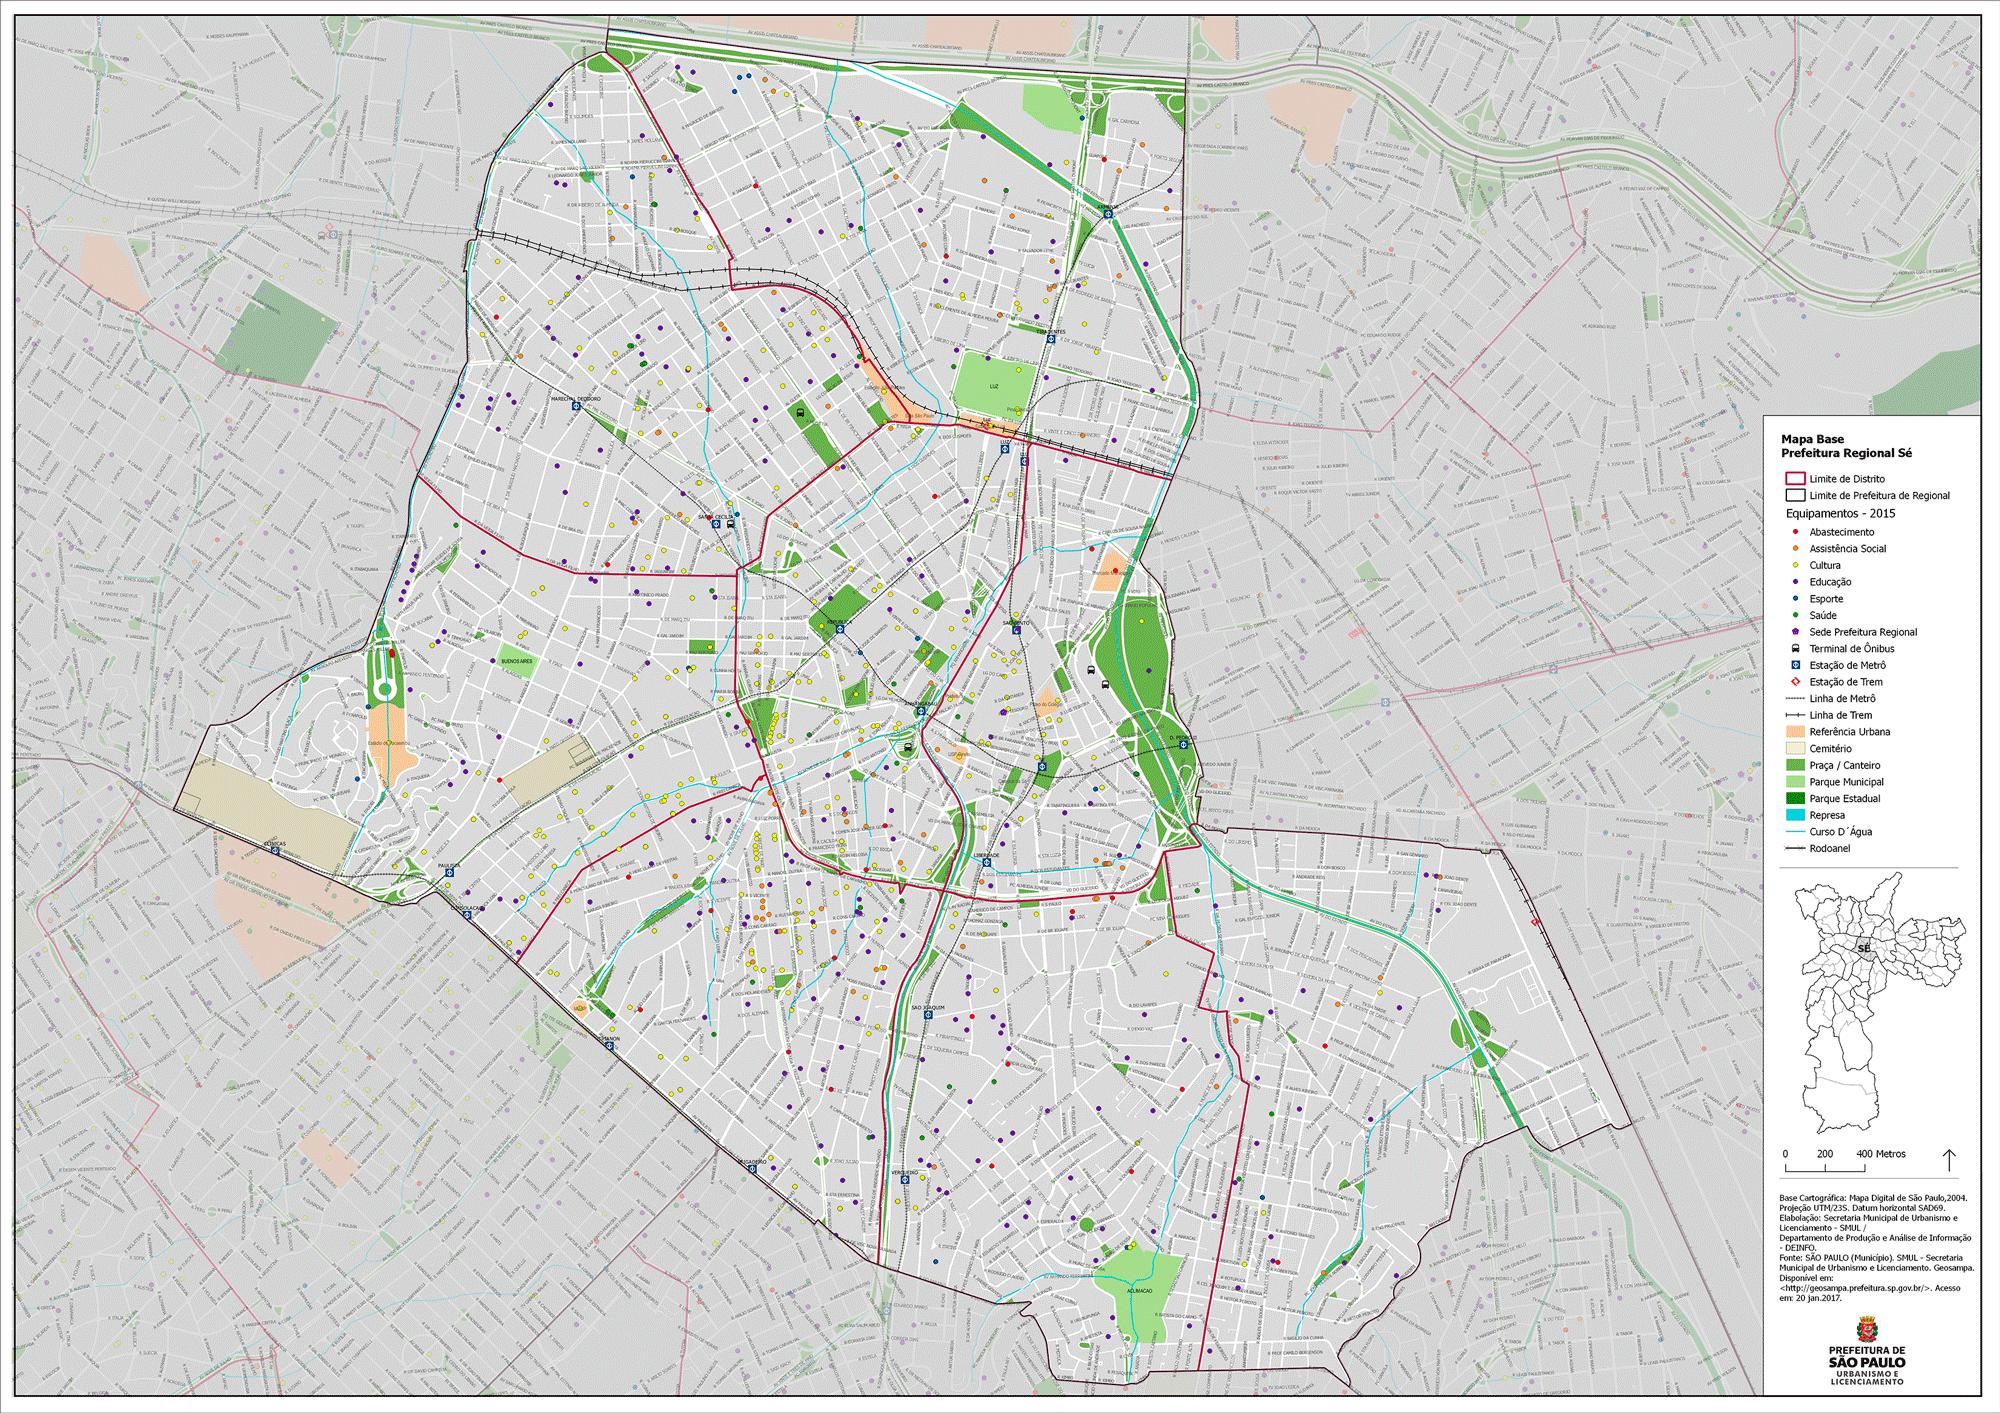 Diagnósticos urbanos - Exemplo de Mapa de Equipamentos - Subprefeitura Sé